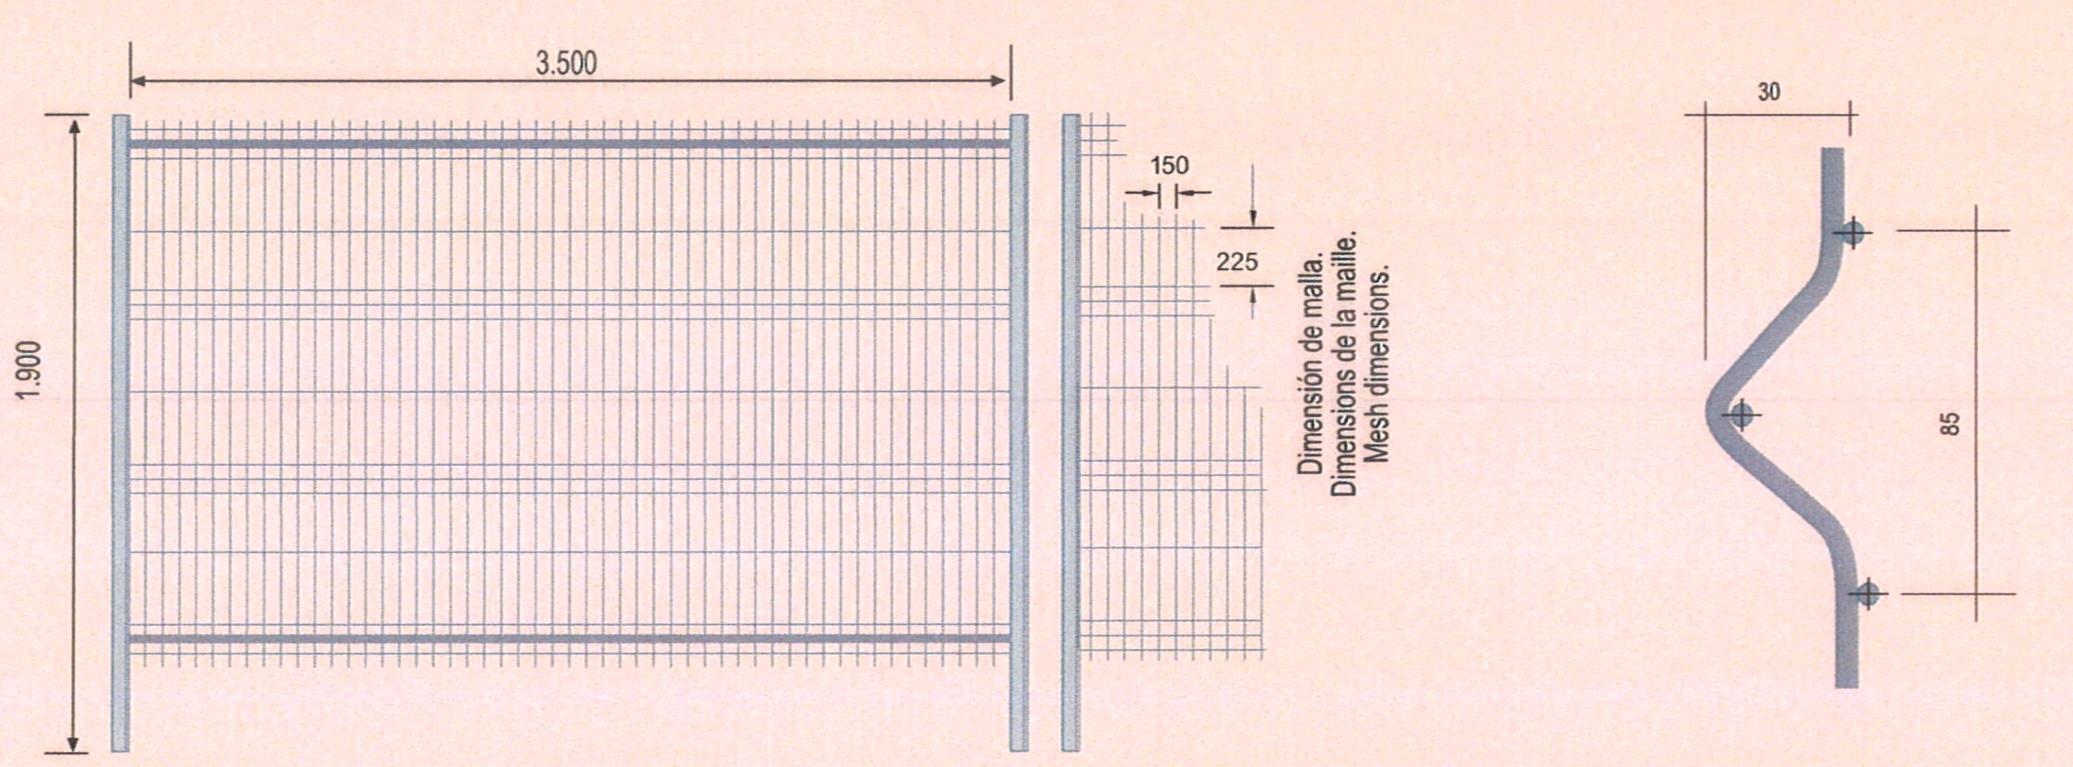 panneau cl ture tm1 plus 4 tubes paquet 50 panneaux. Black Bedroom Furniture Sets. Home Design Ideas